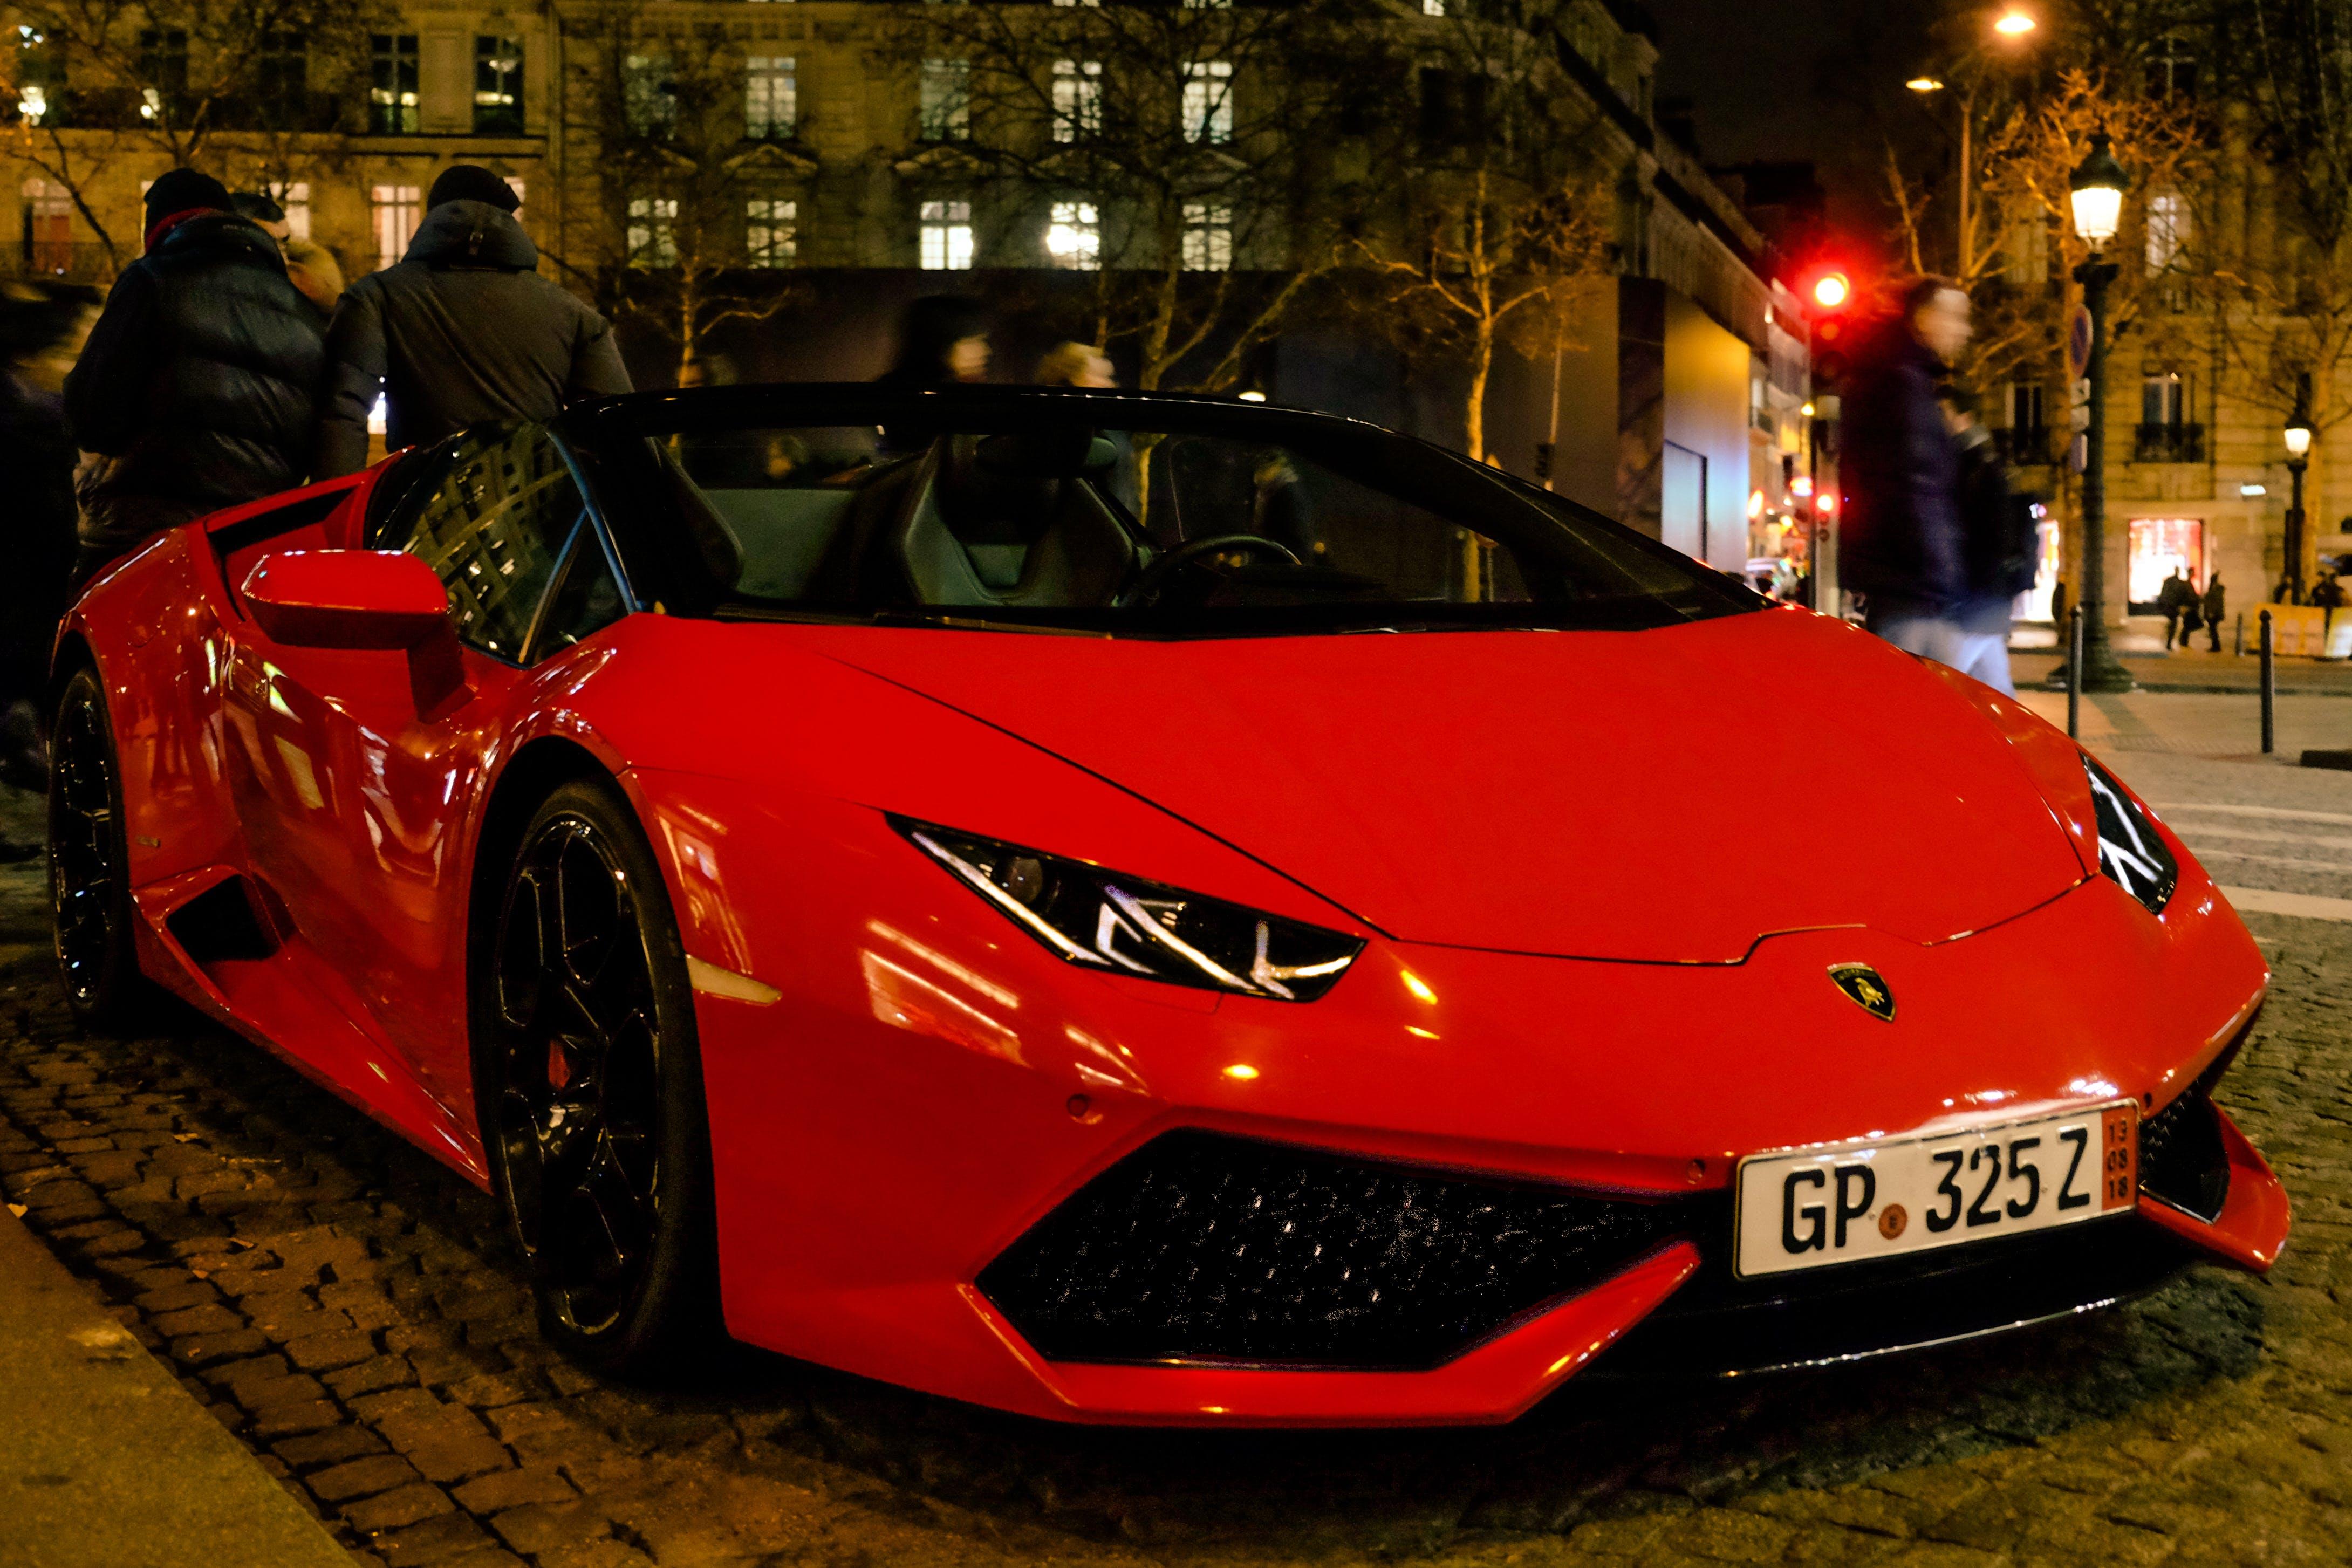 Δωρεάν στοκ φωτογραφιών με Lamborghini, supercar, αυτοκίνητο, ζωή στην πόλη